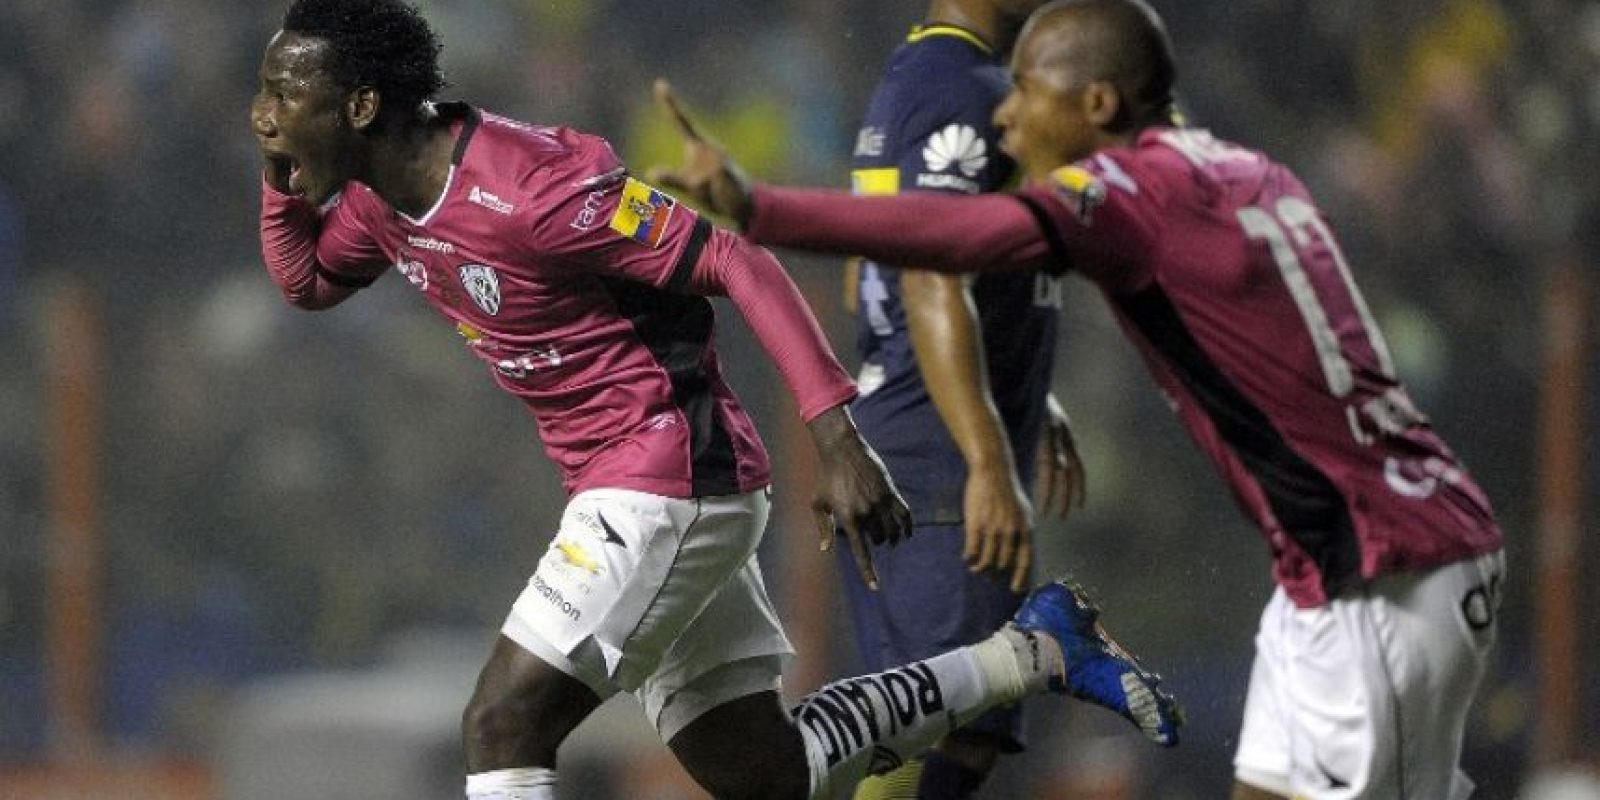 Independiente del Valle es la gran sorpresa de la Libertadores y avanzó a la final tras eliminar a Boca Juniors en semifinales Foto:AFP